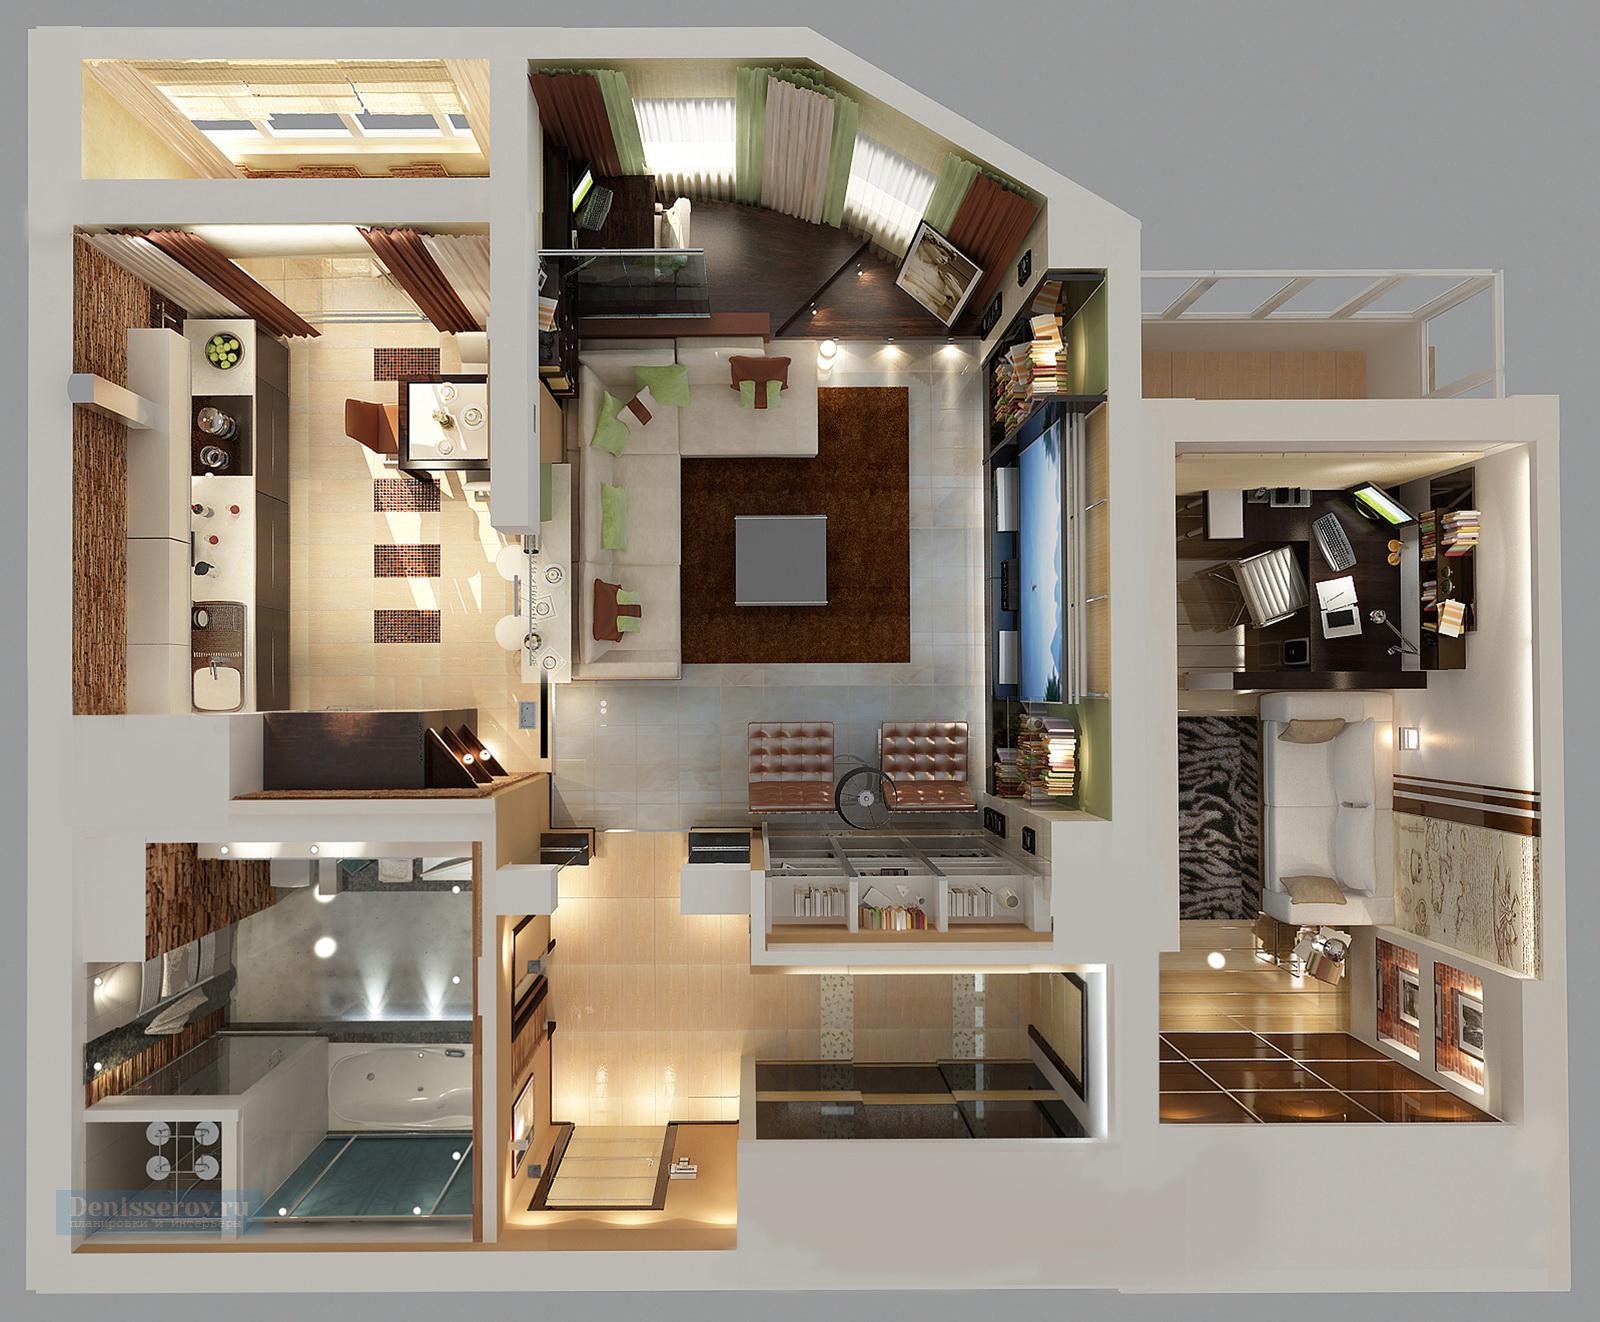 Перепланировка квартиры: что можно и что нельзя делать по